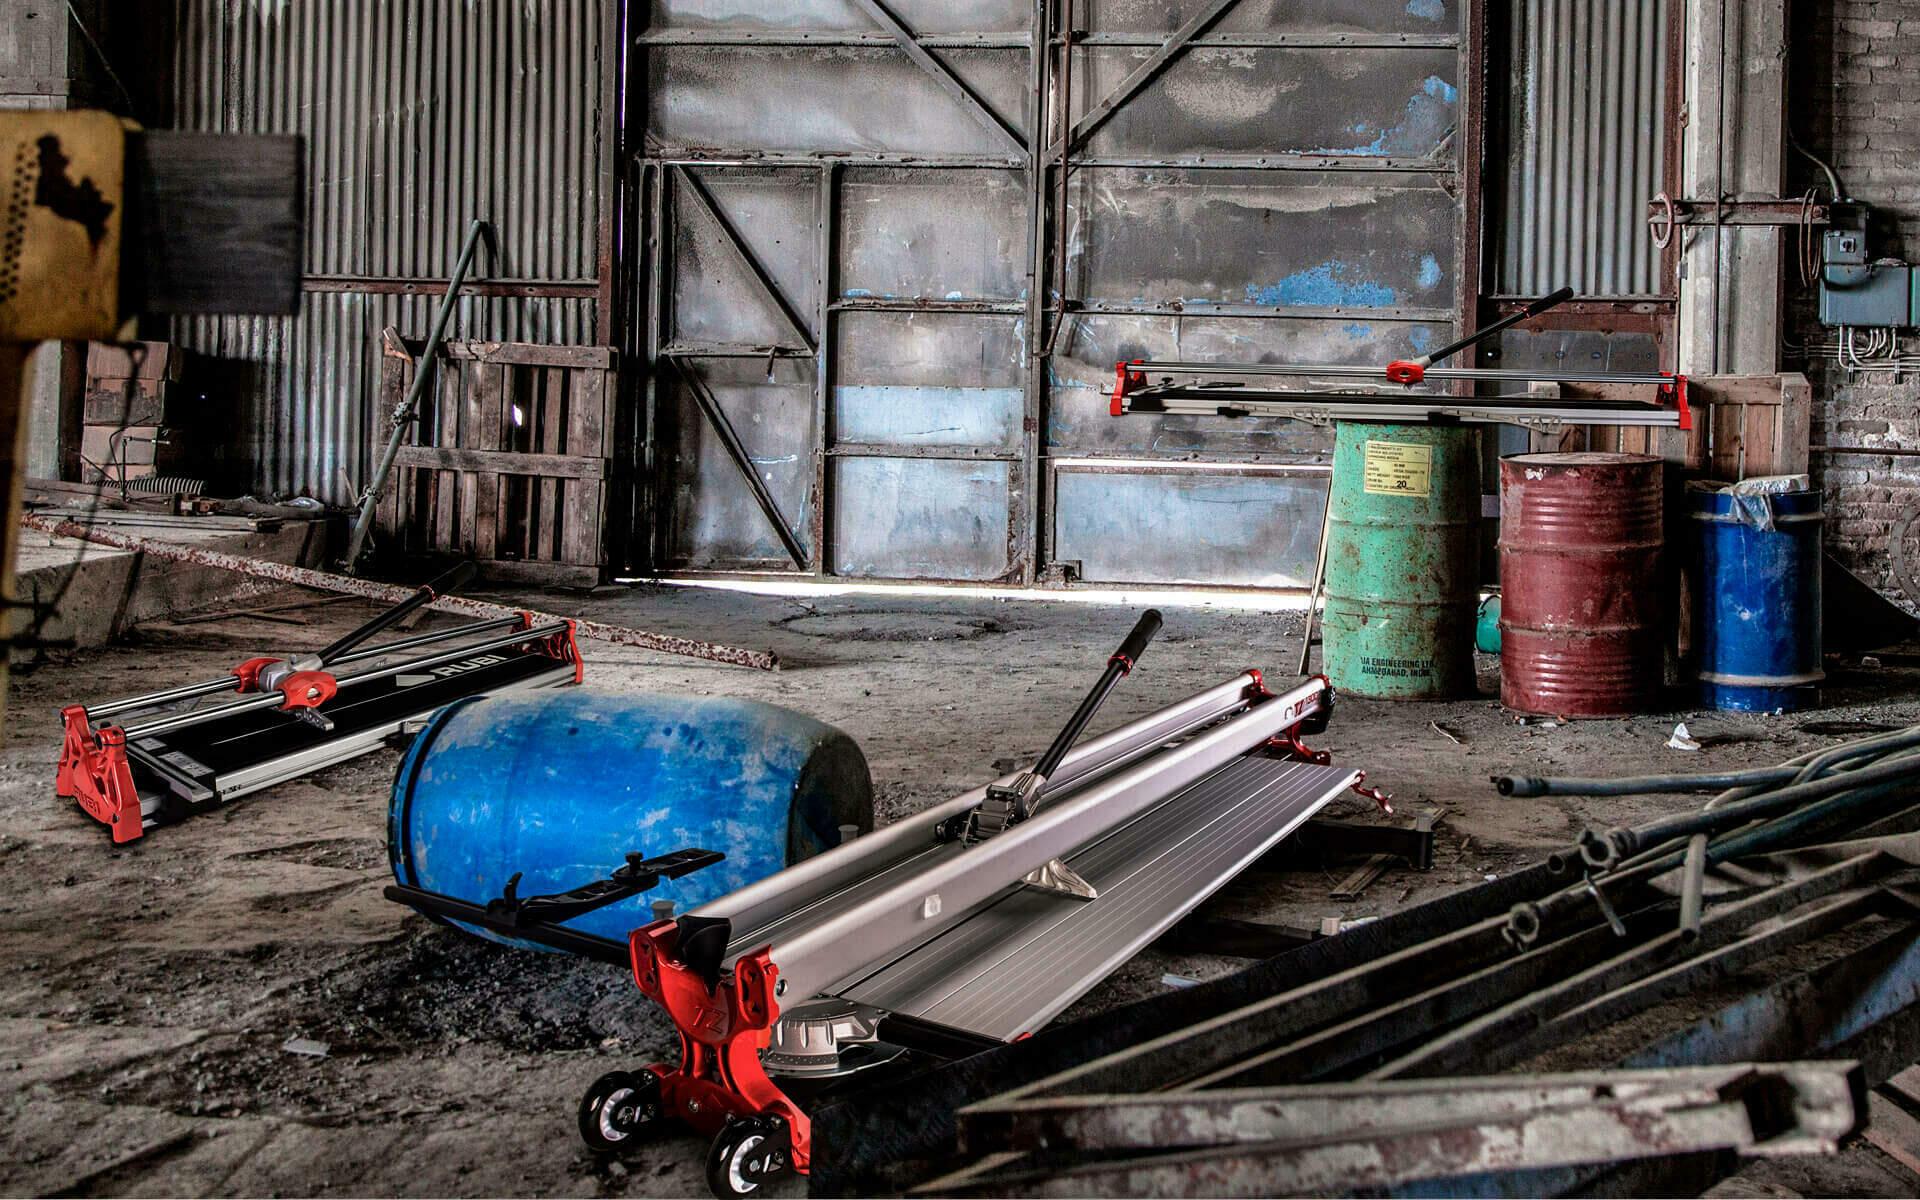 Een verzameling van tegelsnijders, die verschillen op het gebied van geleiding, breekkracht, breekmechanisme, vooraanslag en lengte.